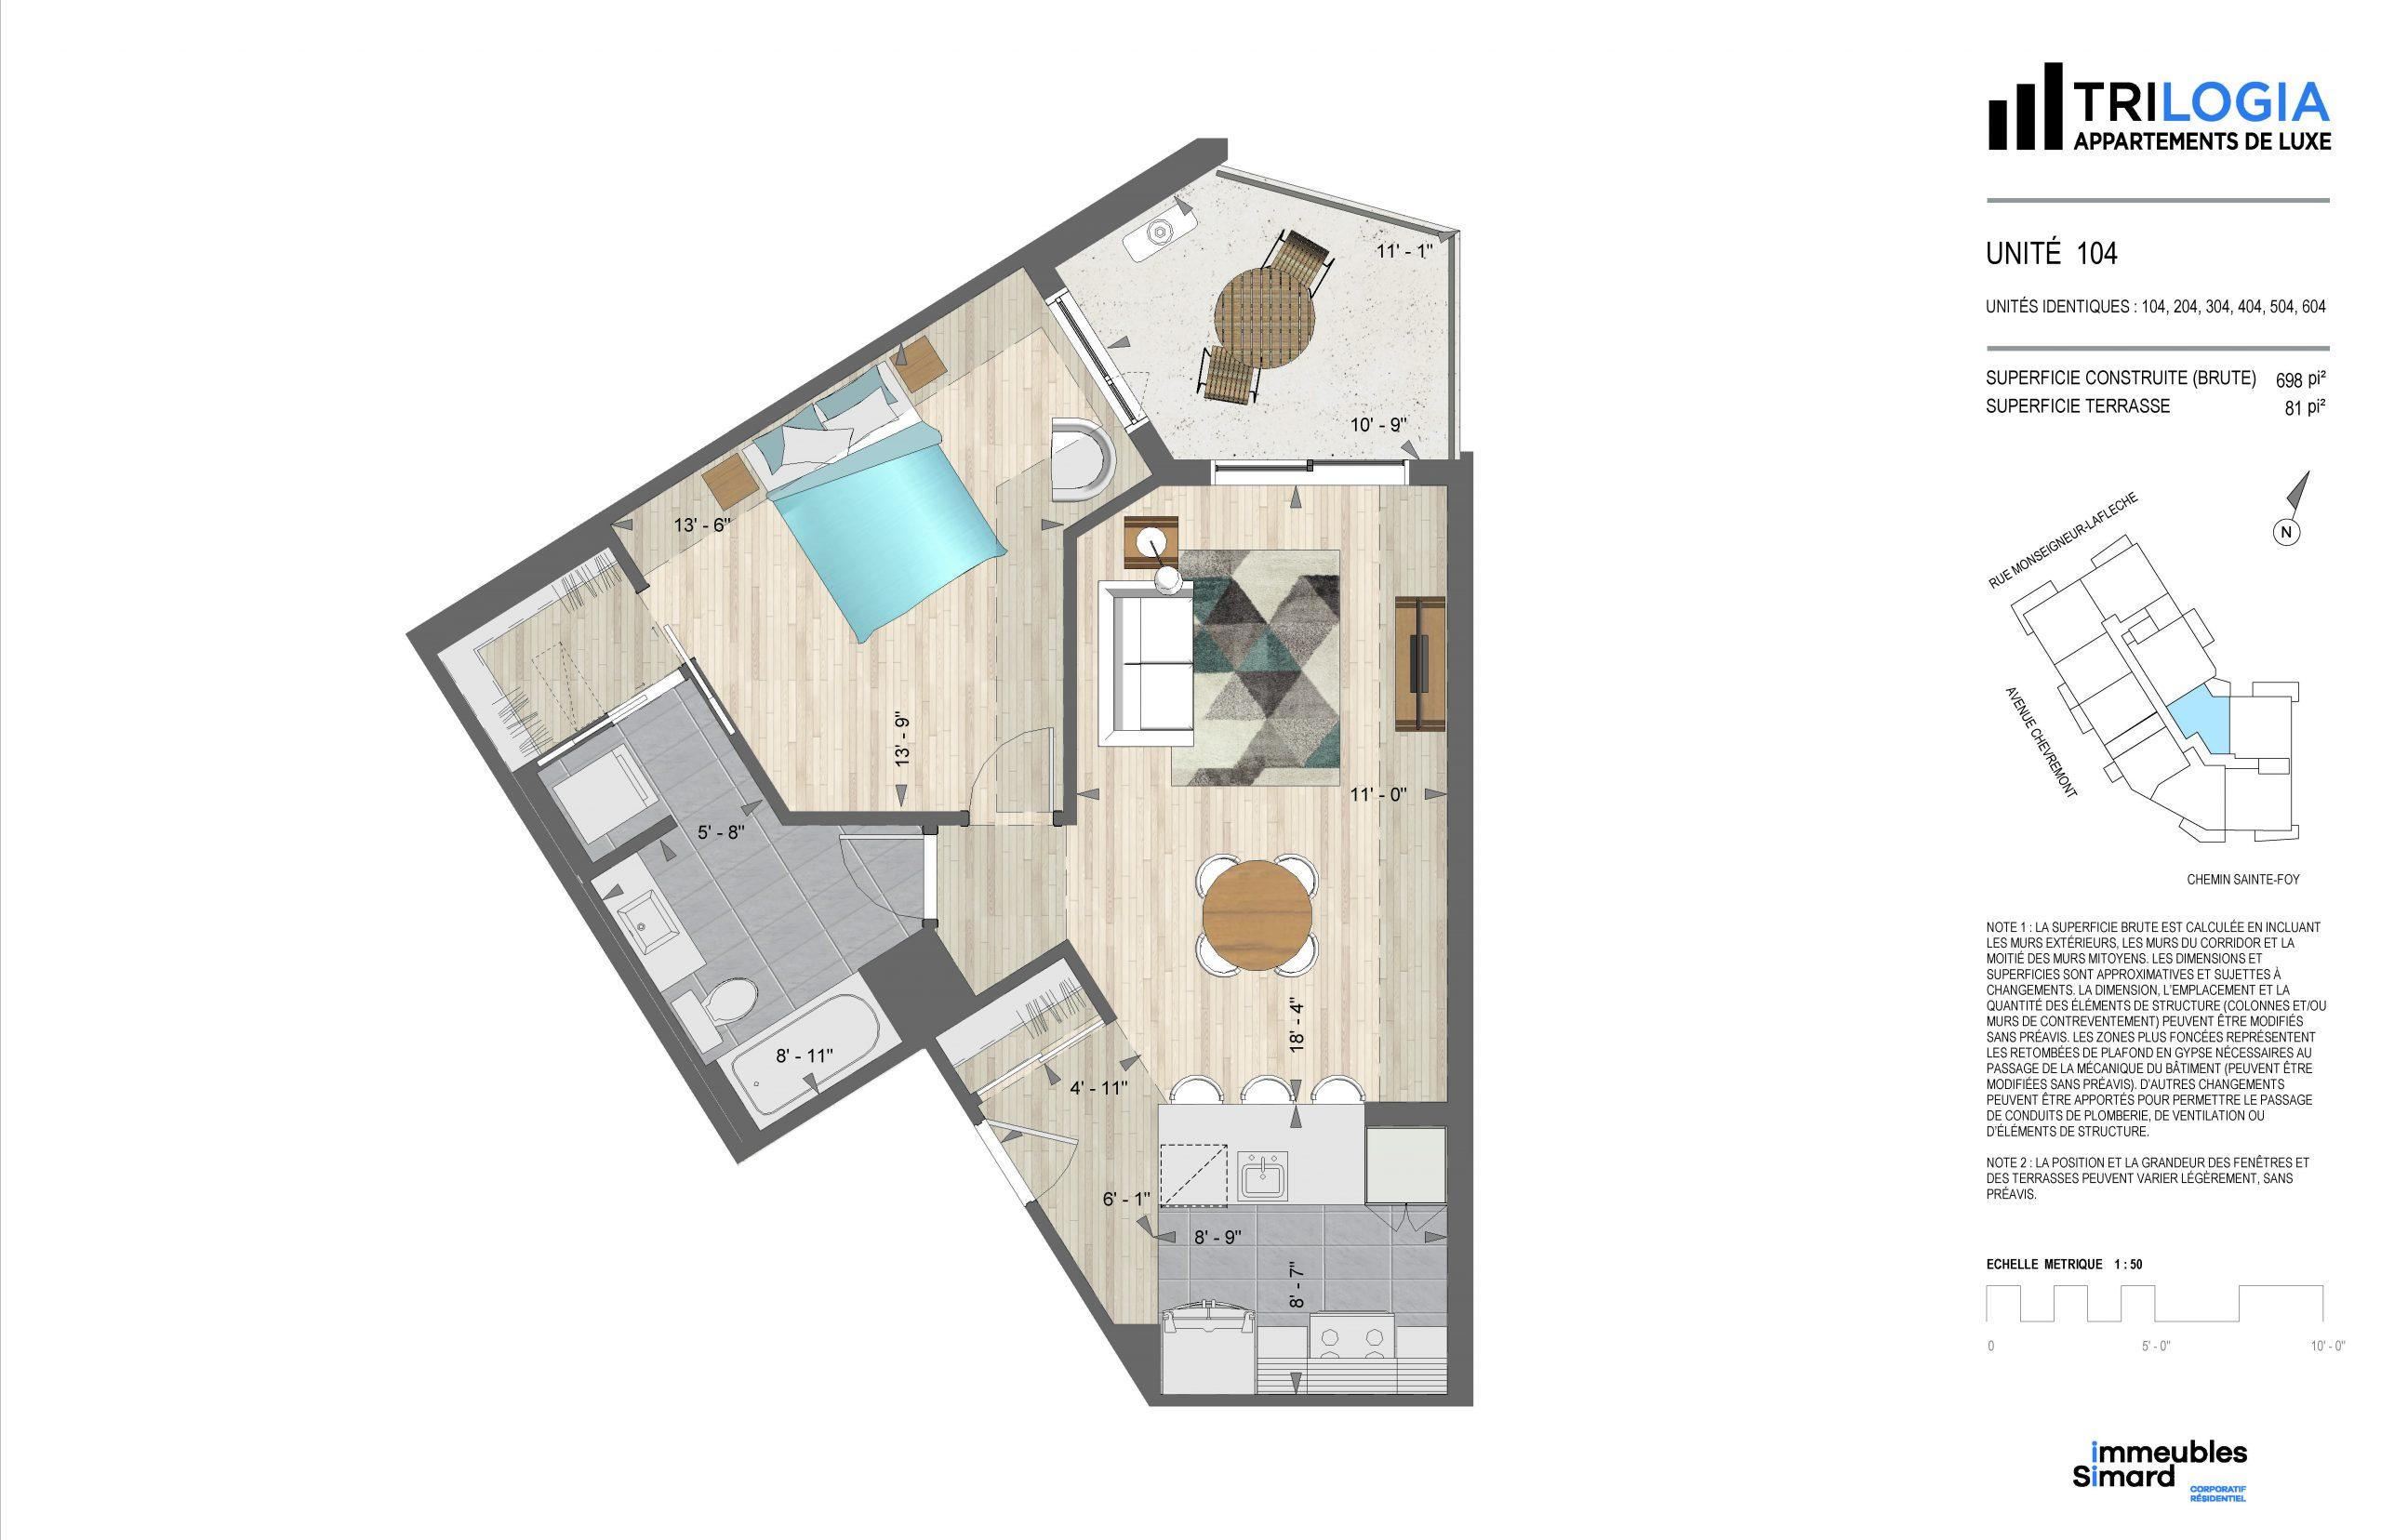 Trilogia 3 1/2 - Immeubles Simard